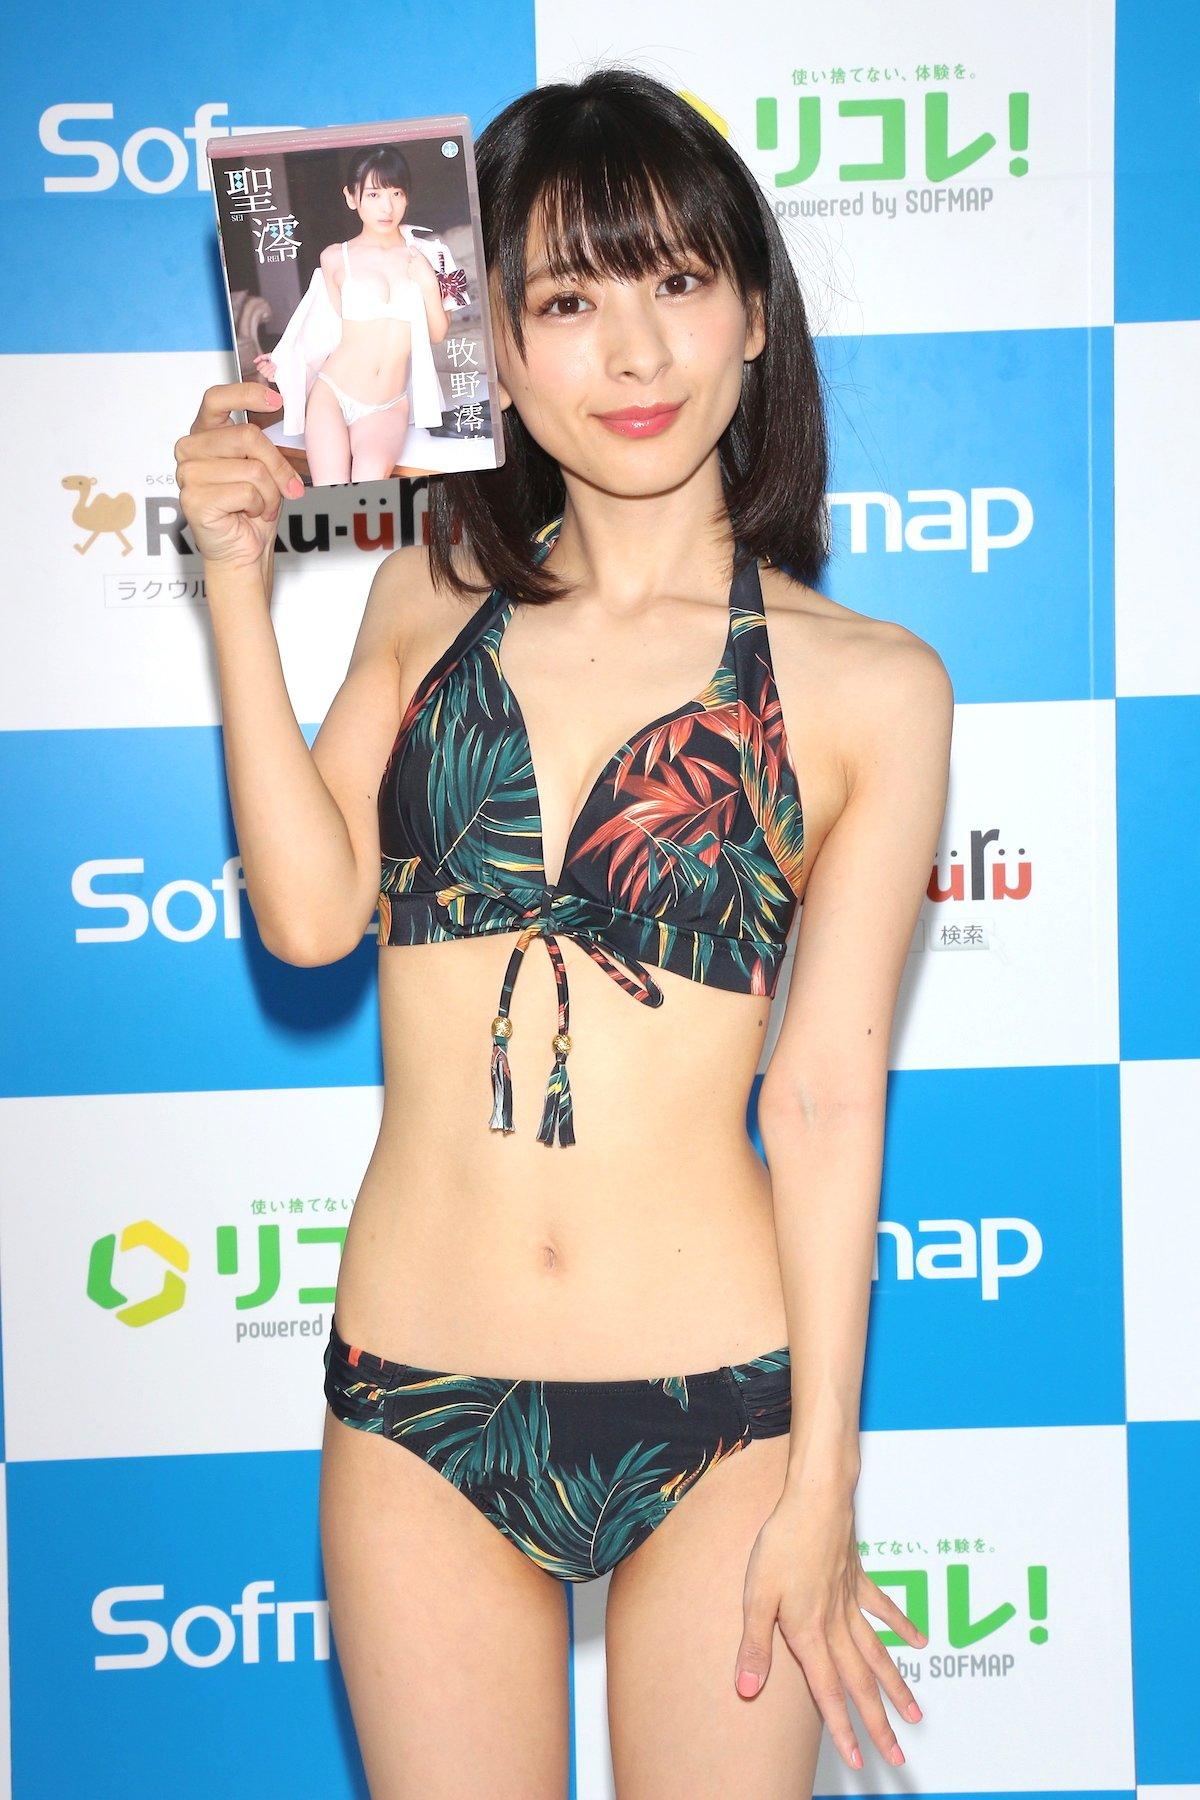 牧野澪菜「144cmのセクシーボディ」スクール水着でやらかしちゃった【画像61枚】の画像047